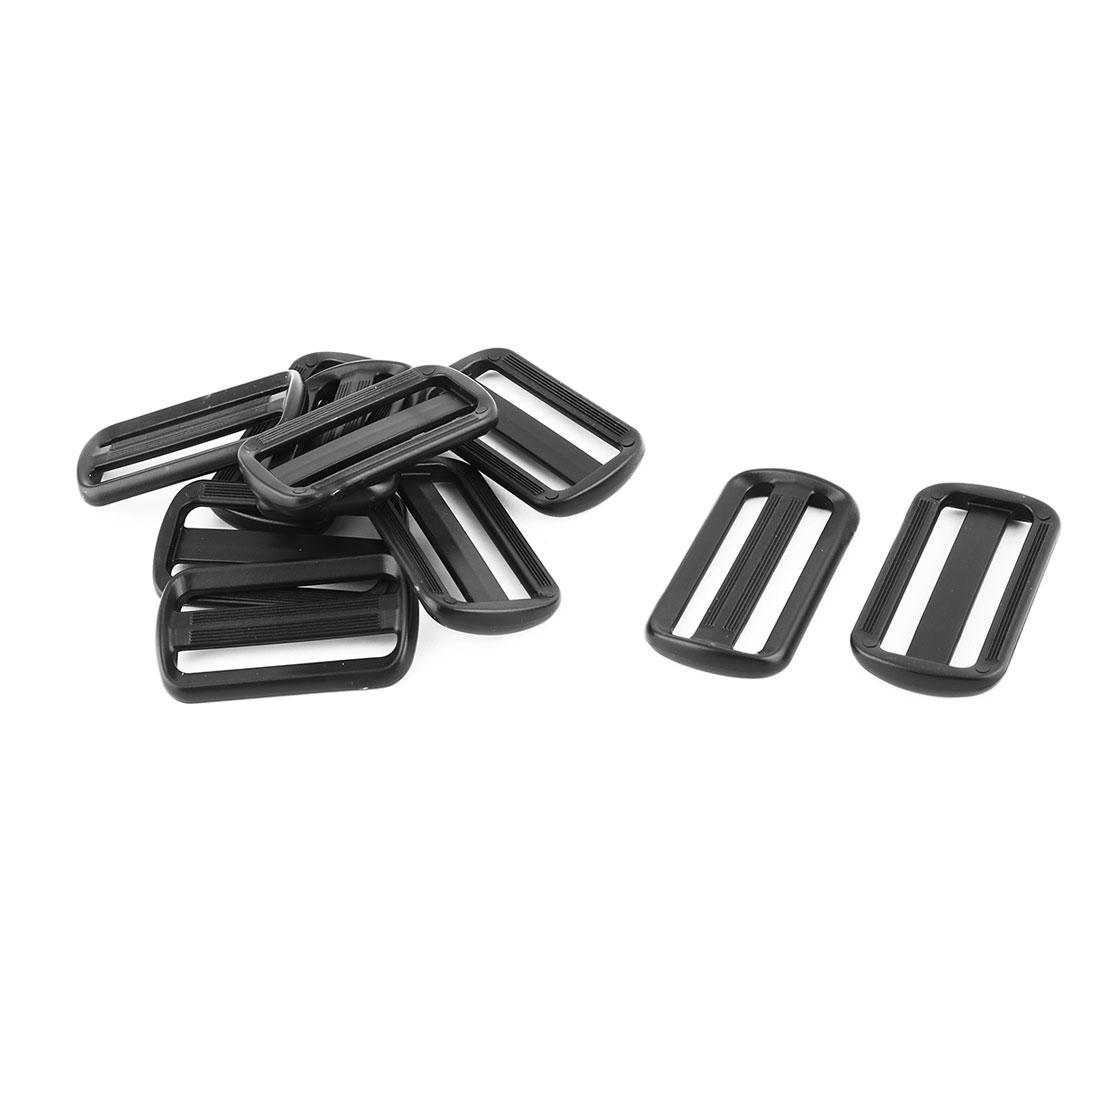 Travel Plastic Adjustive Bag Backpack Strap Belt Tri Glide Buckle Fastener Black 10pcs